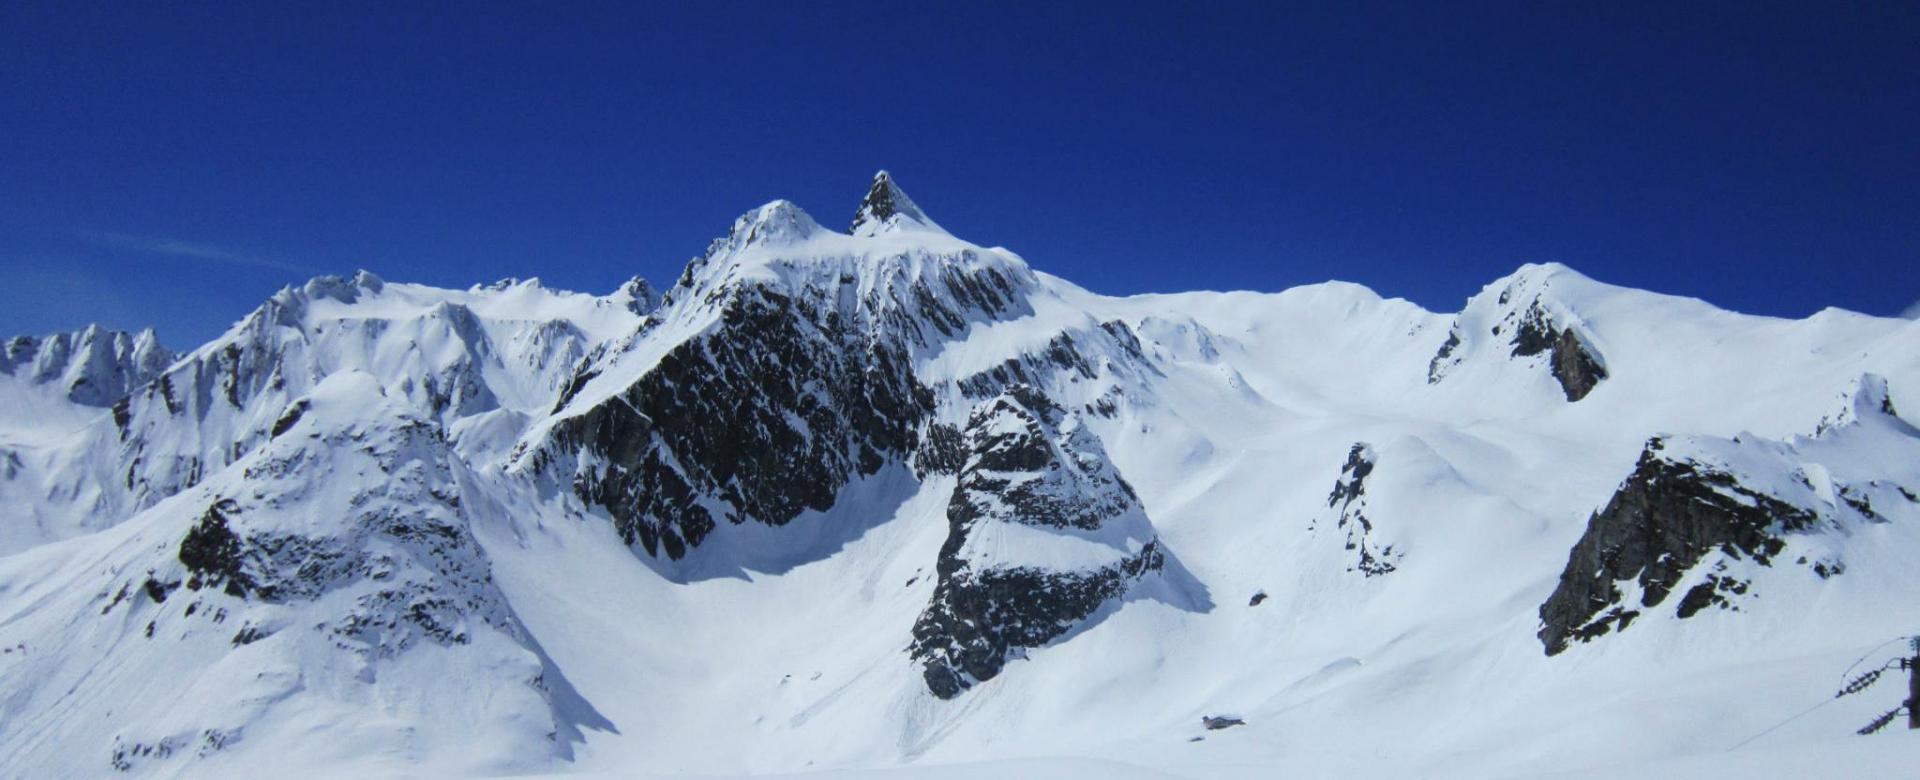 Voyage à la neige Suisse : L'hospice du grand-saint-bernard